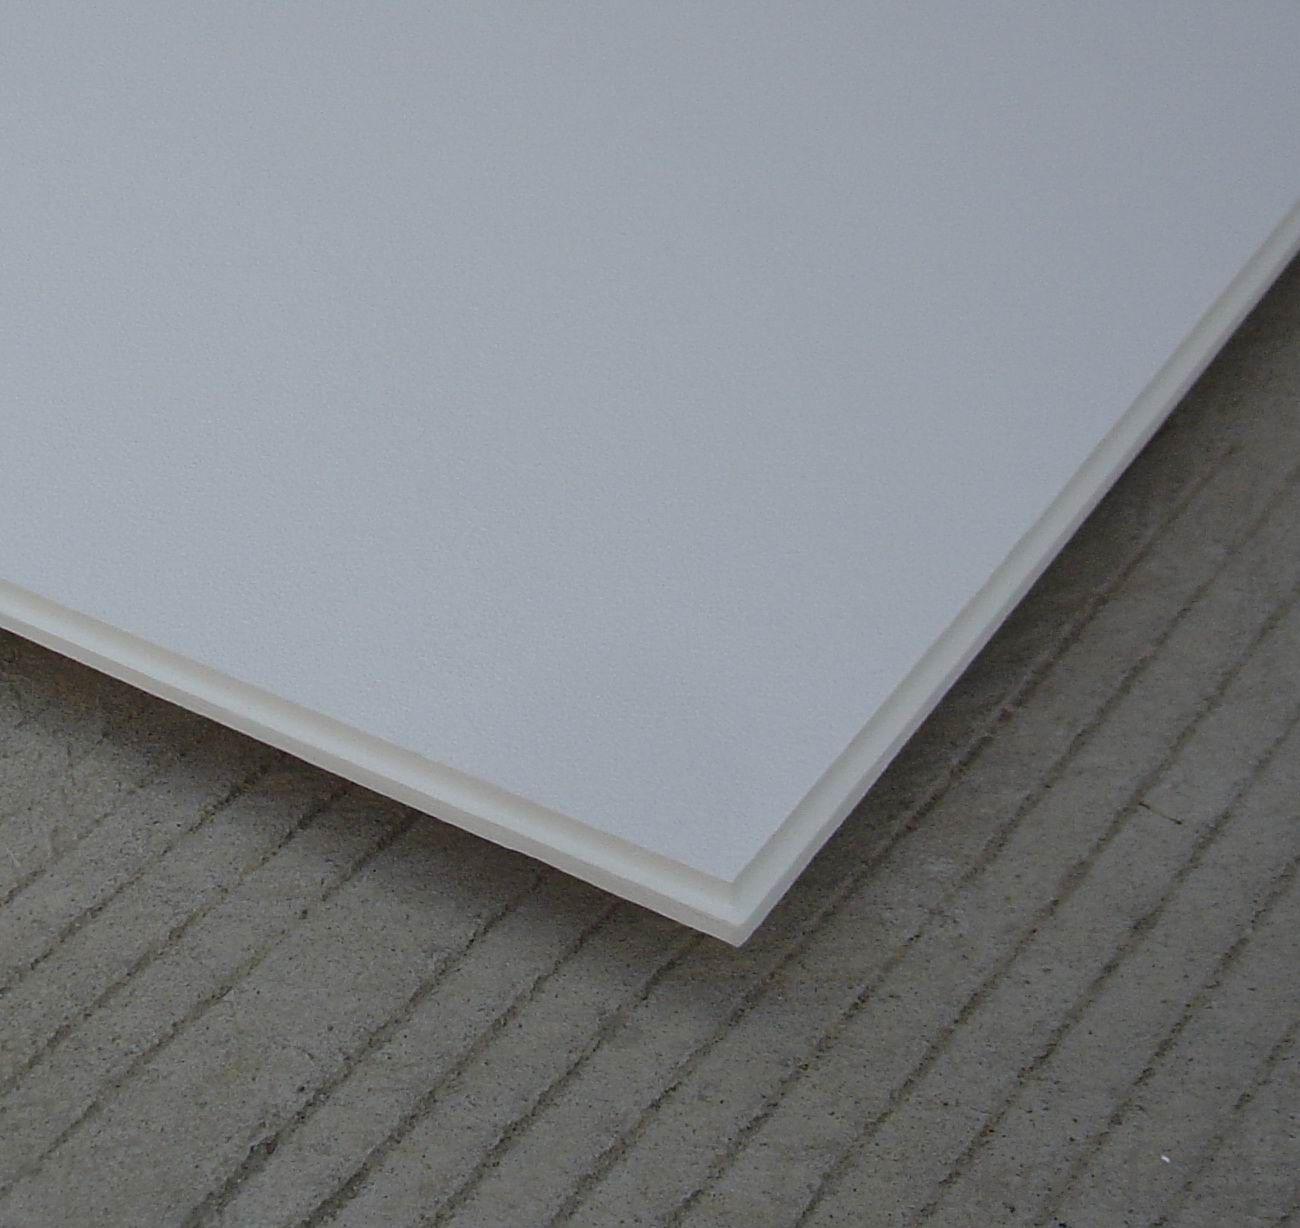 Buy fiberglass acoustic ceiling density 120k good sale for Fiberglass density